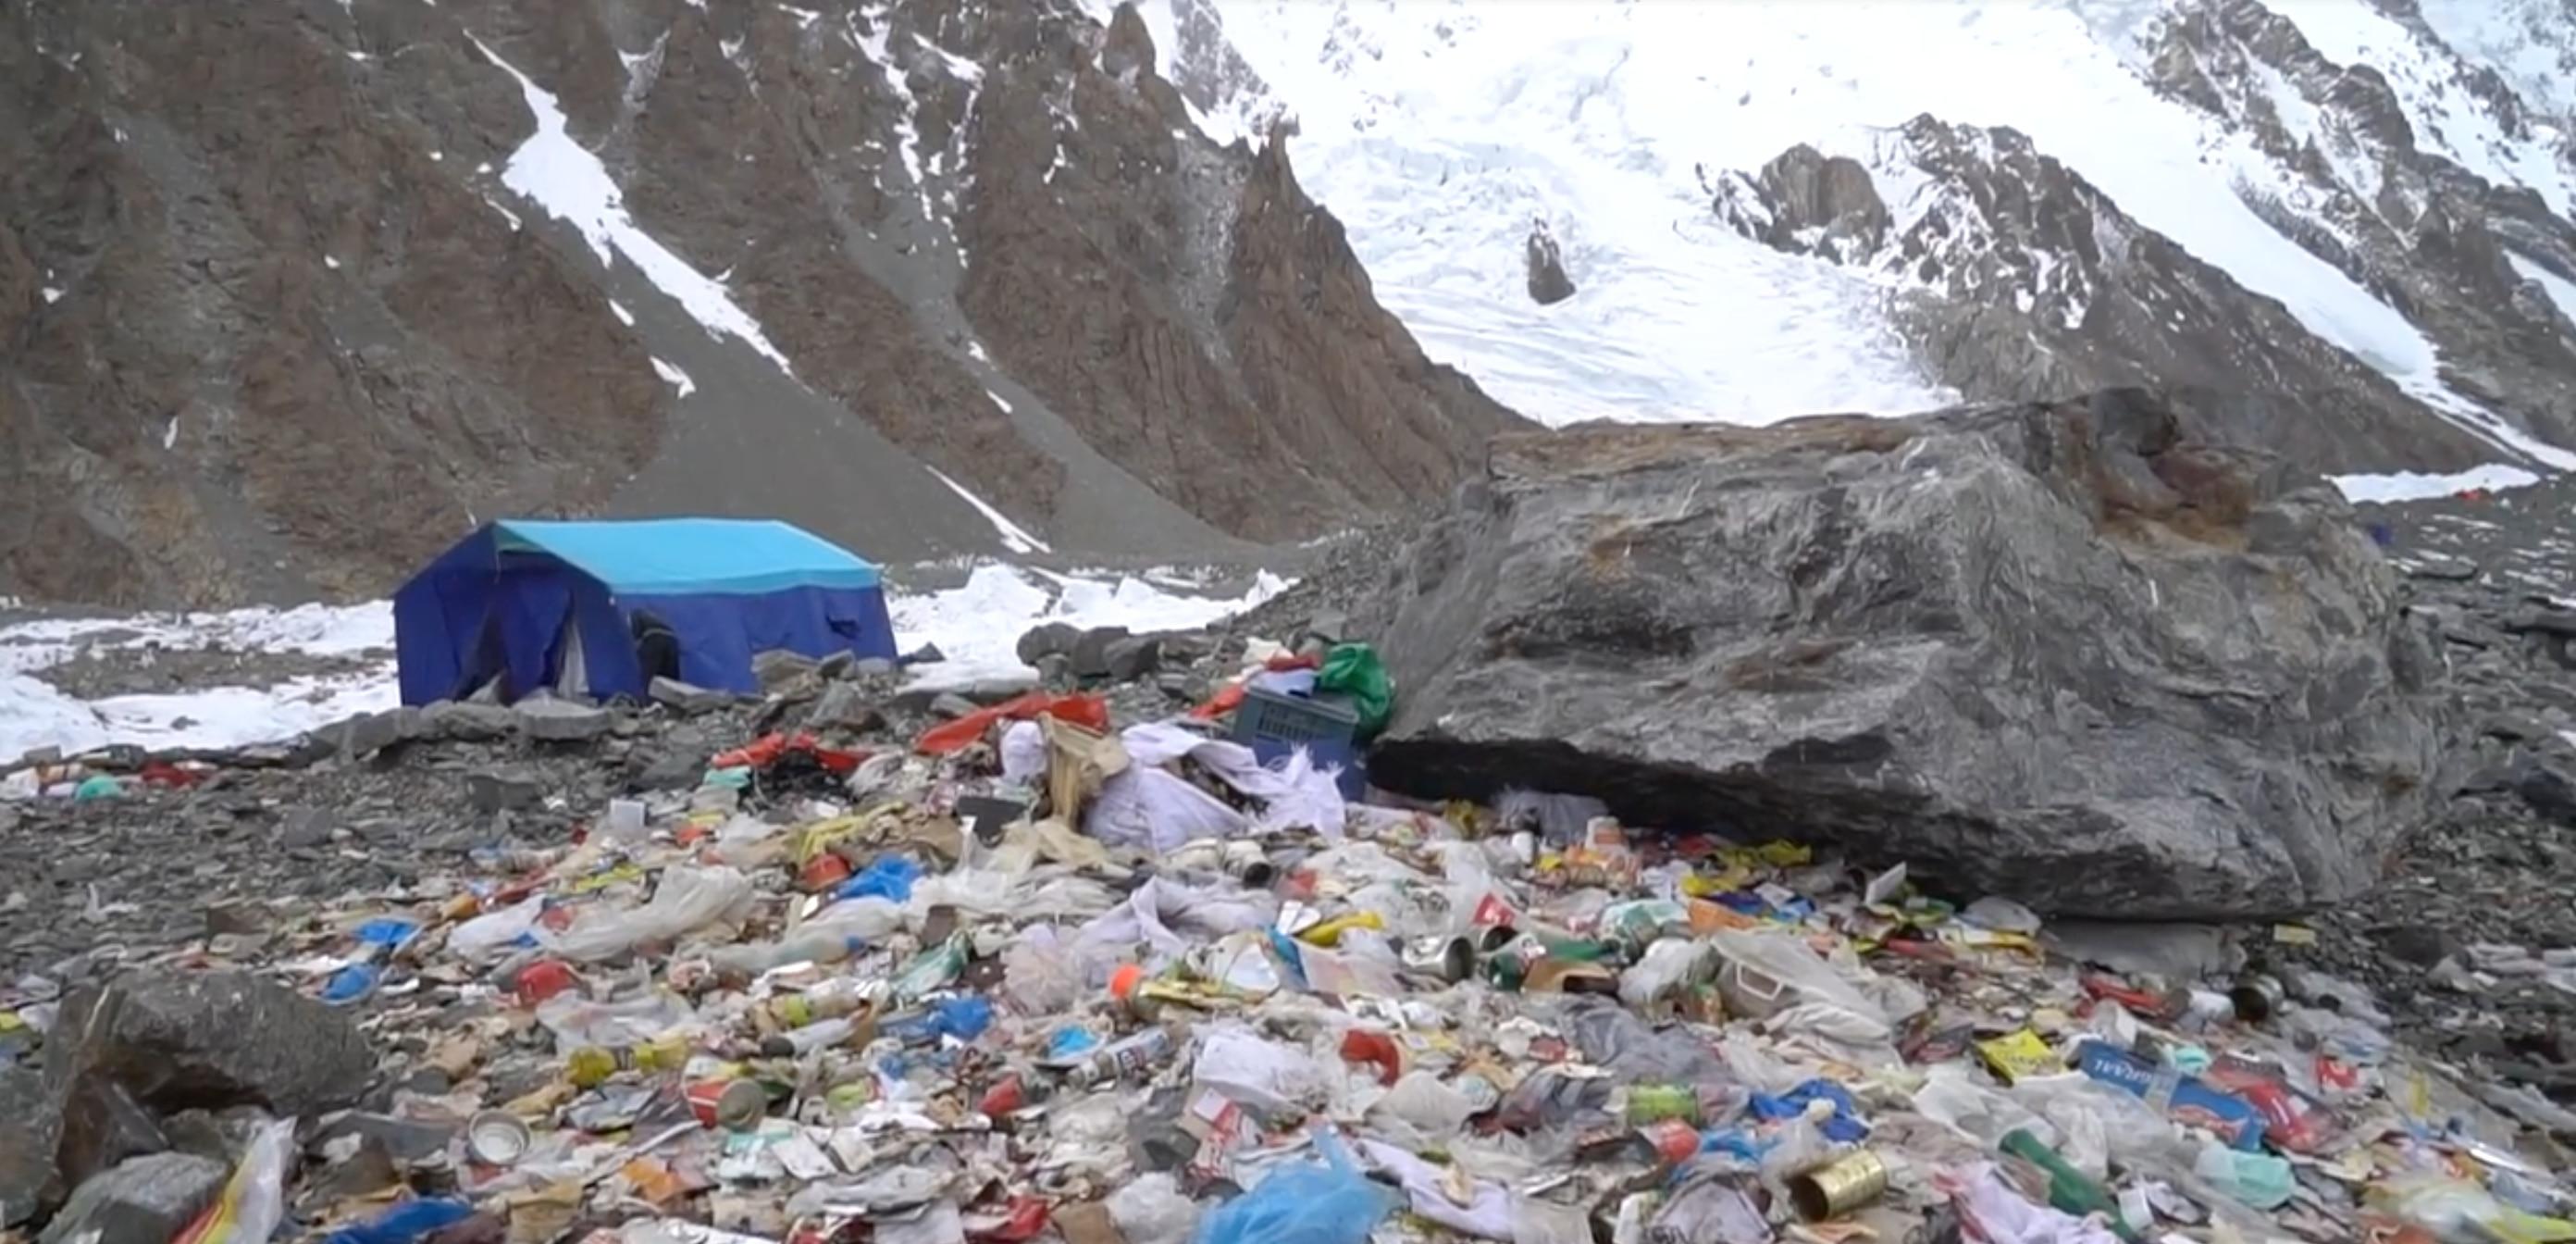 Photo of Montagna di rifiuti al K2: accuse alla spedizione invernale polacca, che risponde